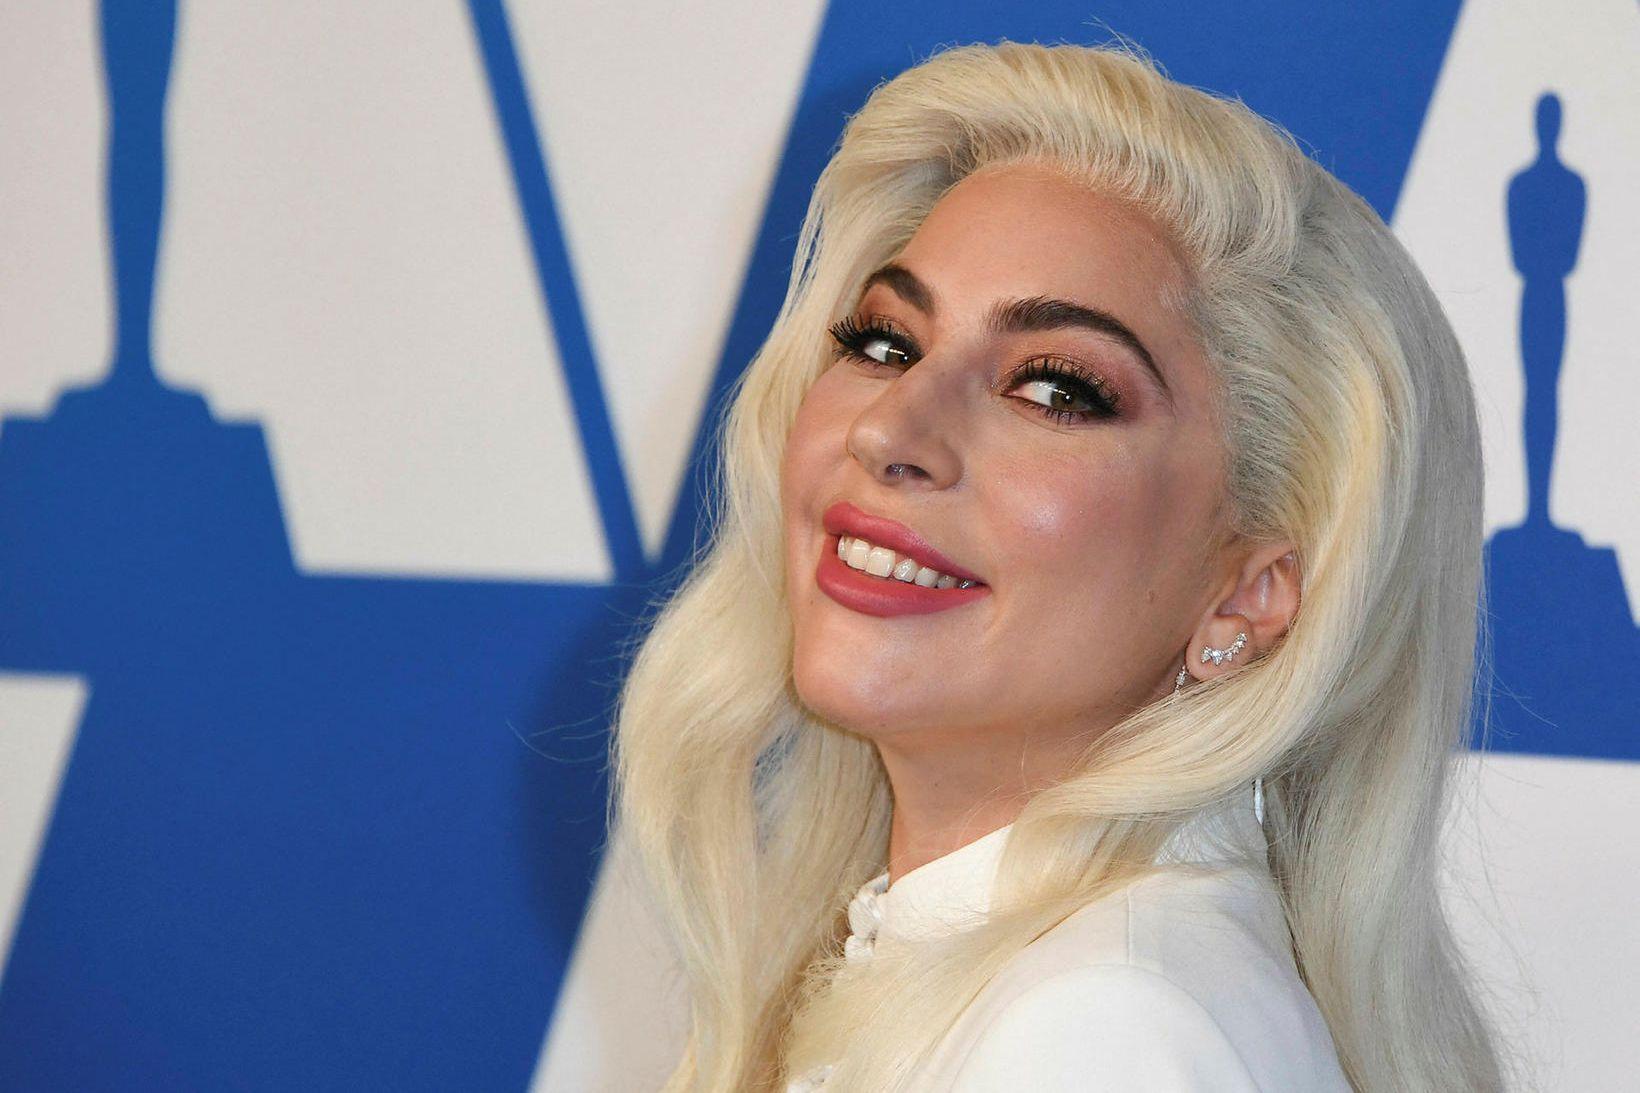 Fimm manns voru handtekin fyrir að stela hundum Lady Gaga.